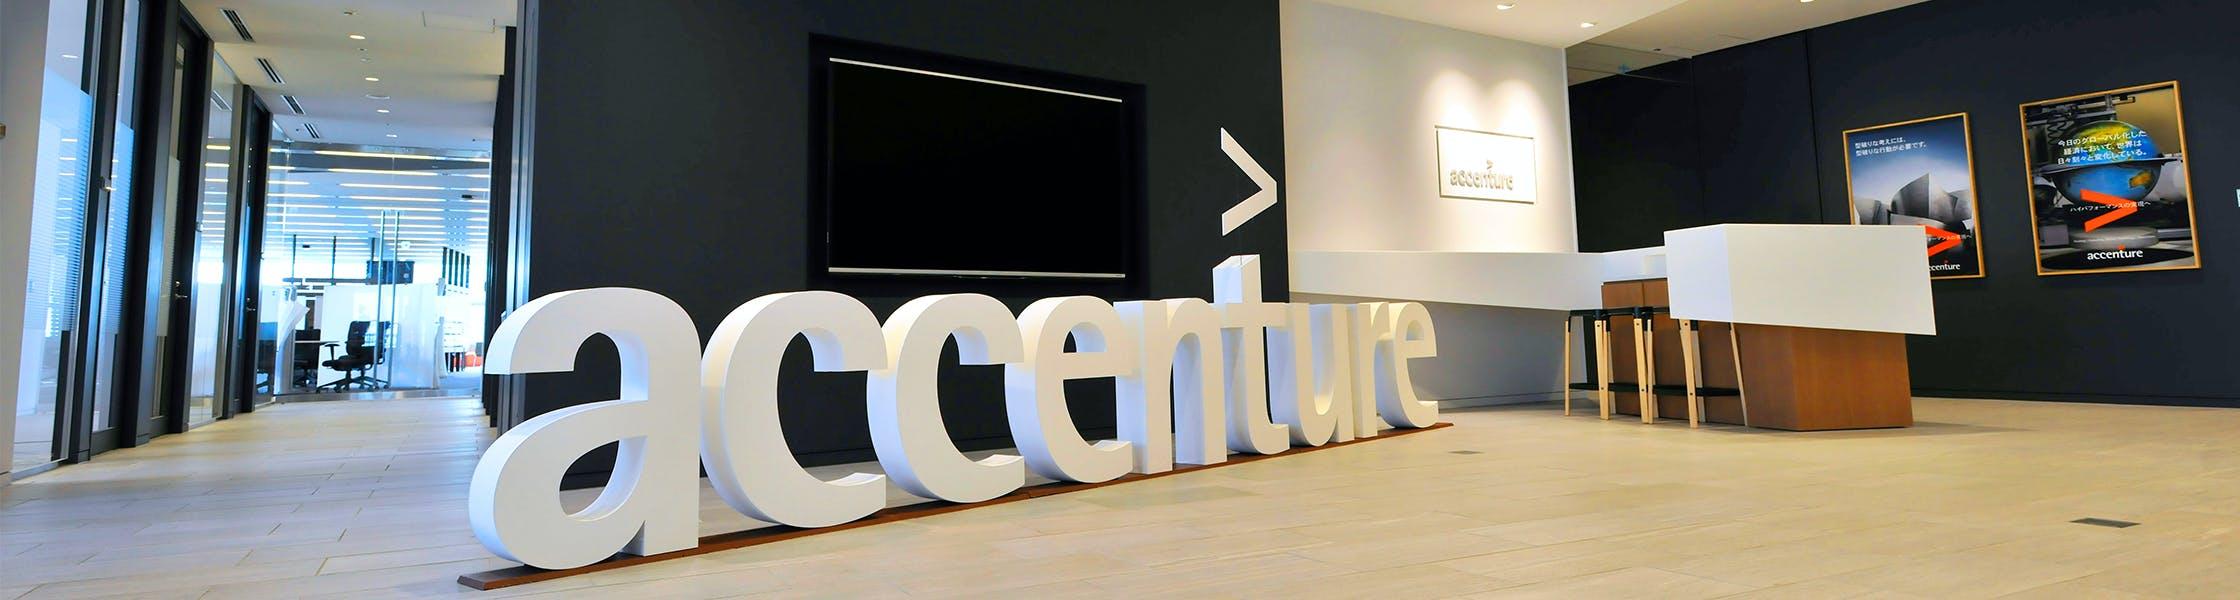 Accenture 1120x300 2x.jpg?ixlib=rails 3.0